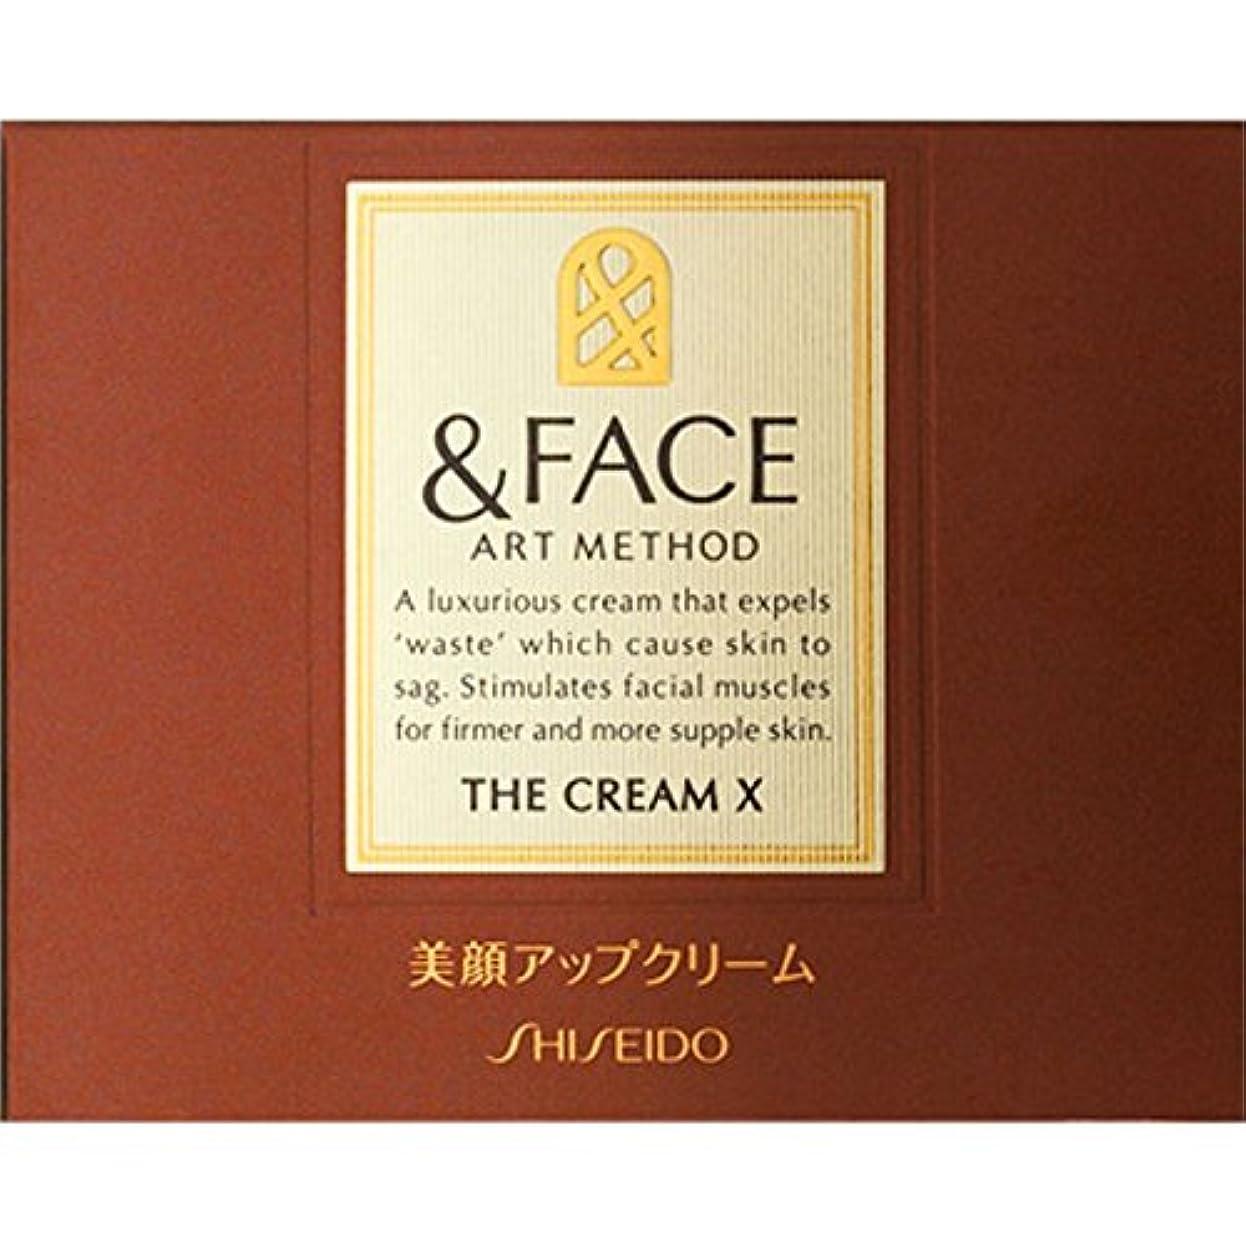 それにもかかわらずコピーインフラ資生堂インターナショナル &FACEアートメソッドザクリームX - (医薬部外品)